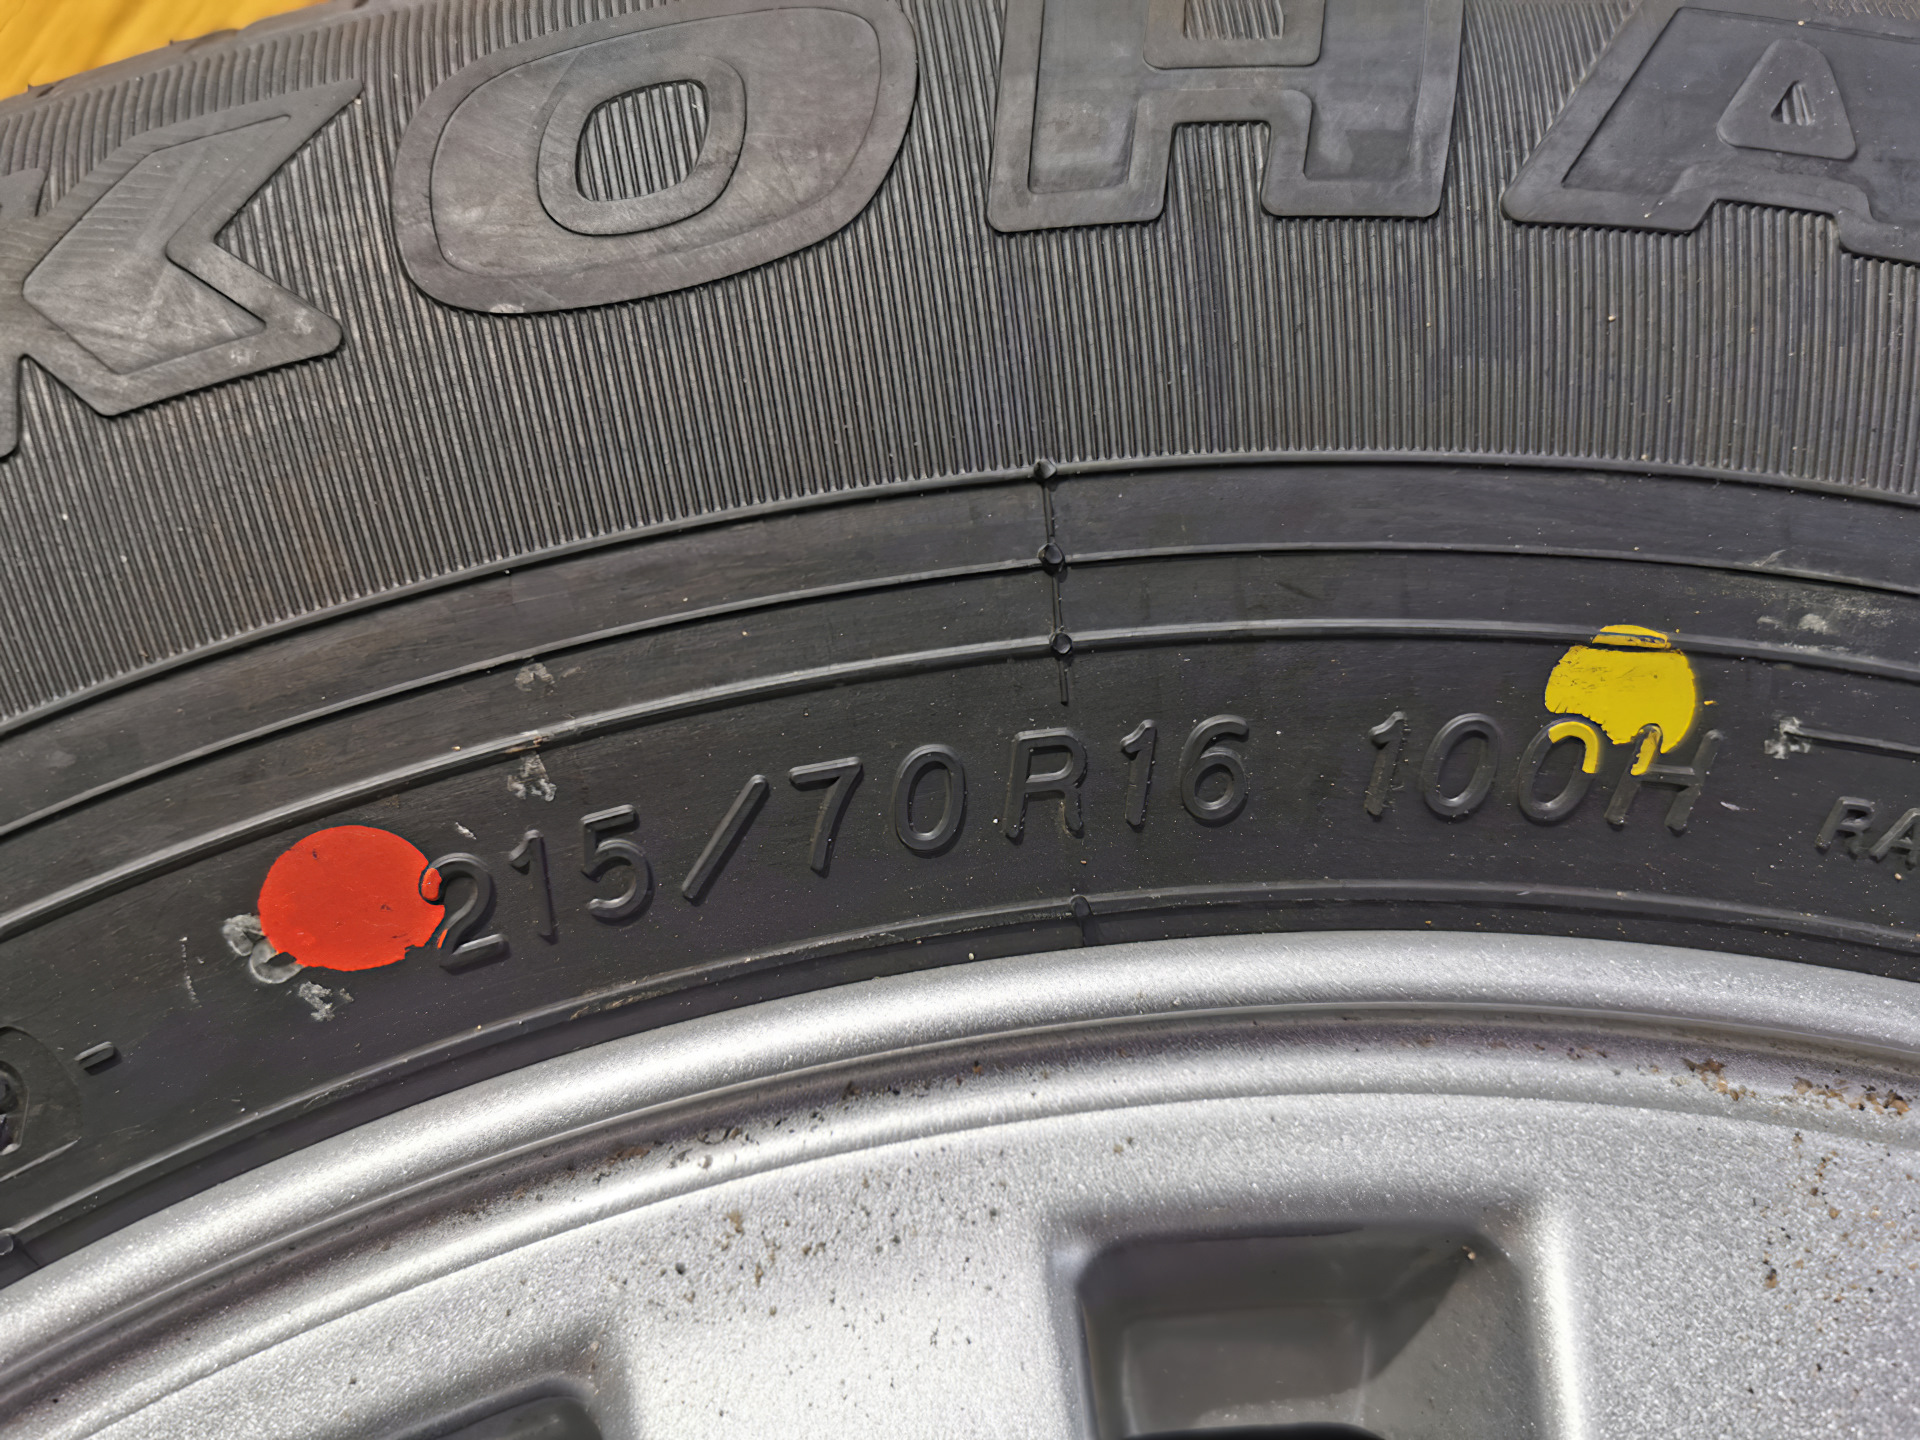 Белые, желтые и красные точки на новых шинах помогают правильно установить резину на колесный диск для балансировки